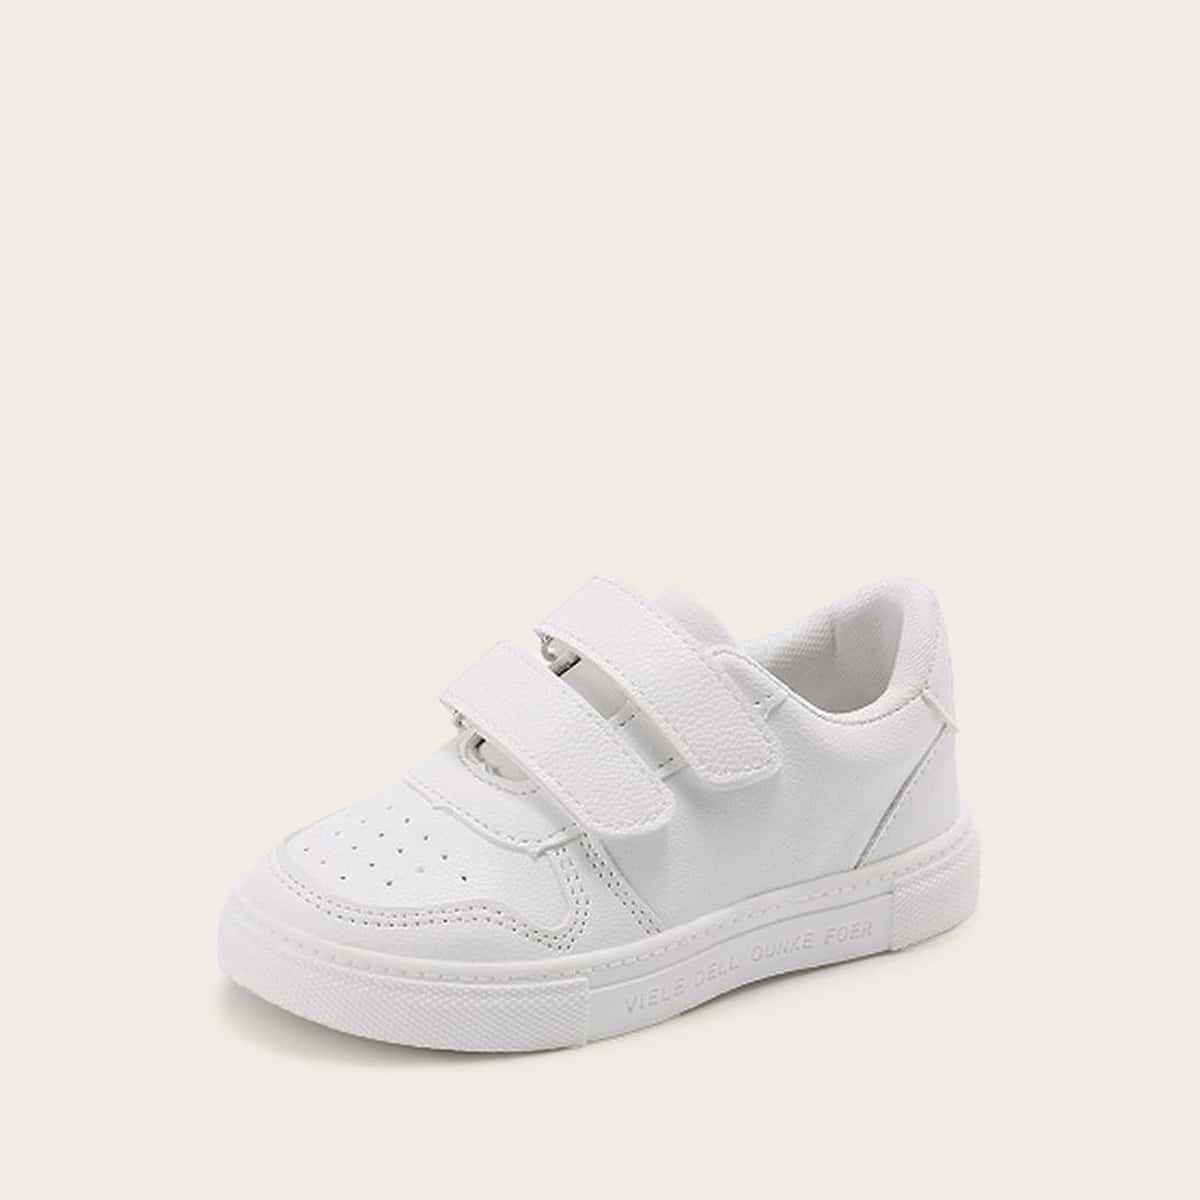 Перфорированные кроссовки для девочек с двойным ремешком на липучке от SHEIN